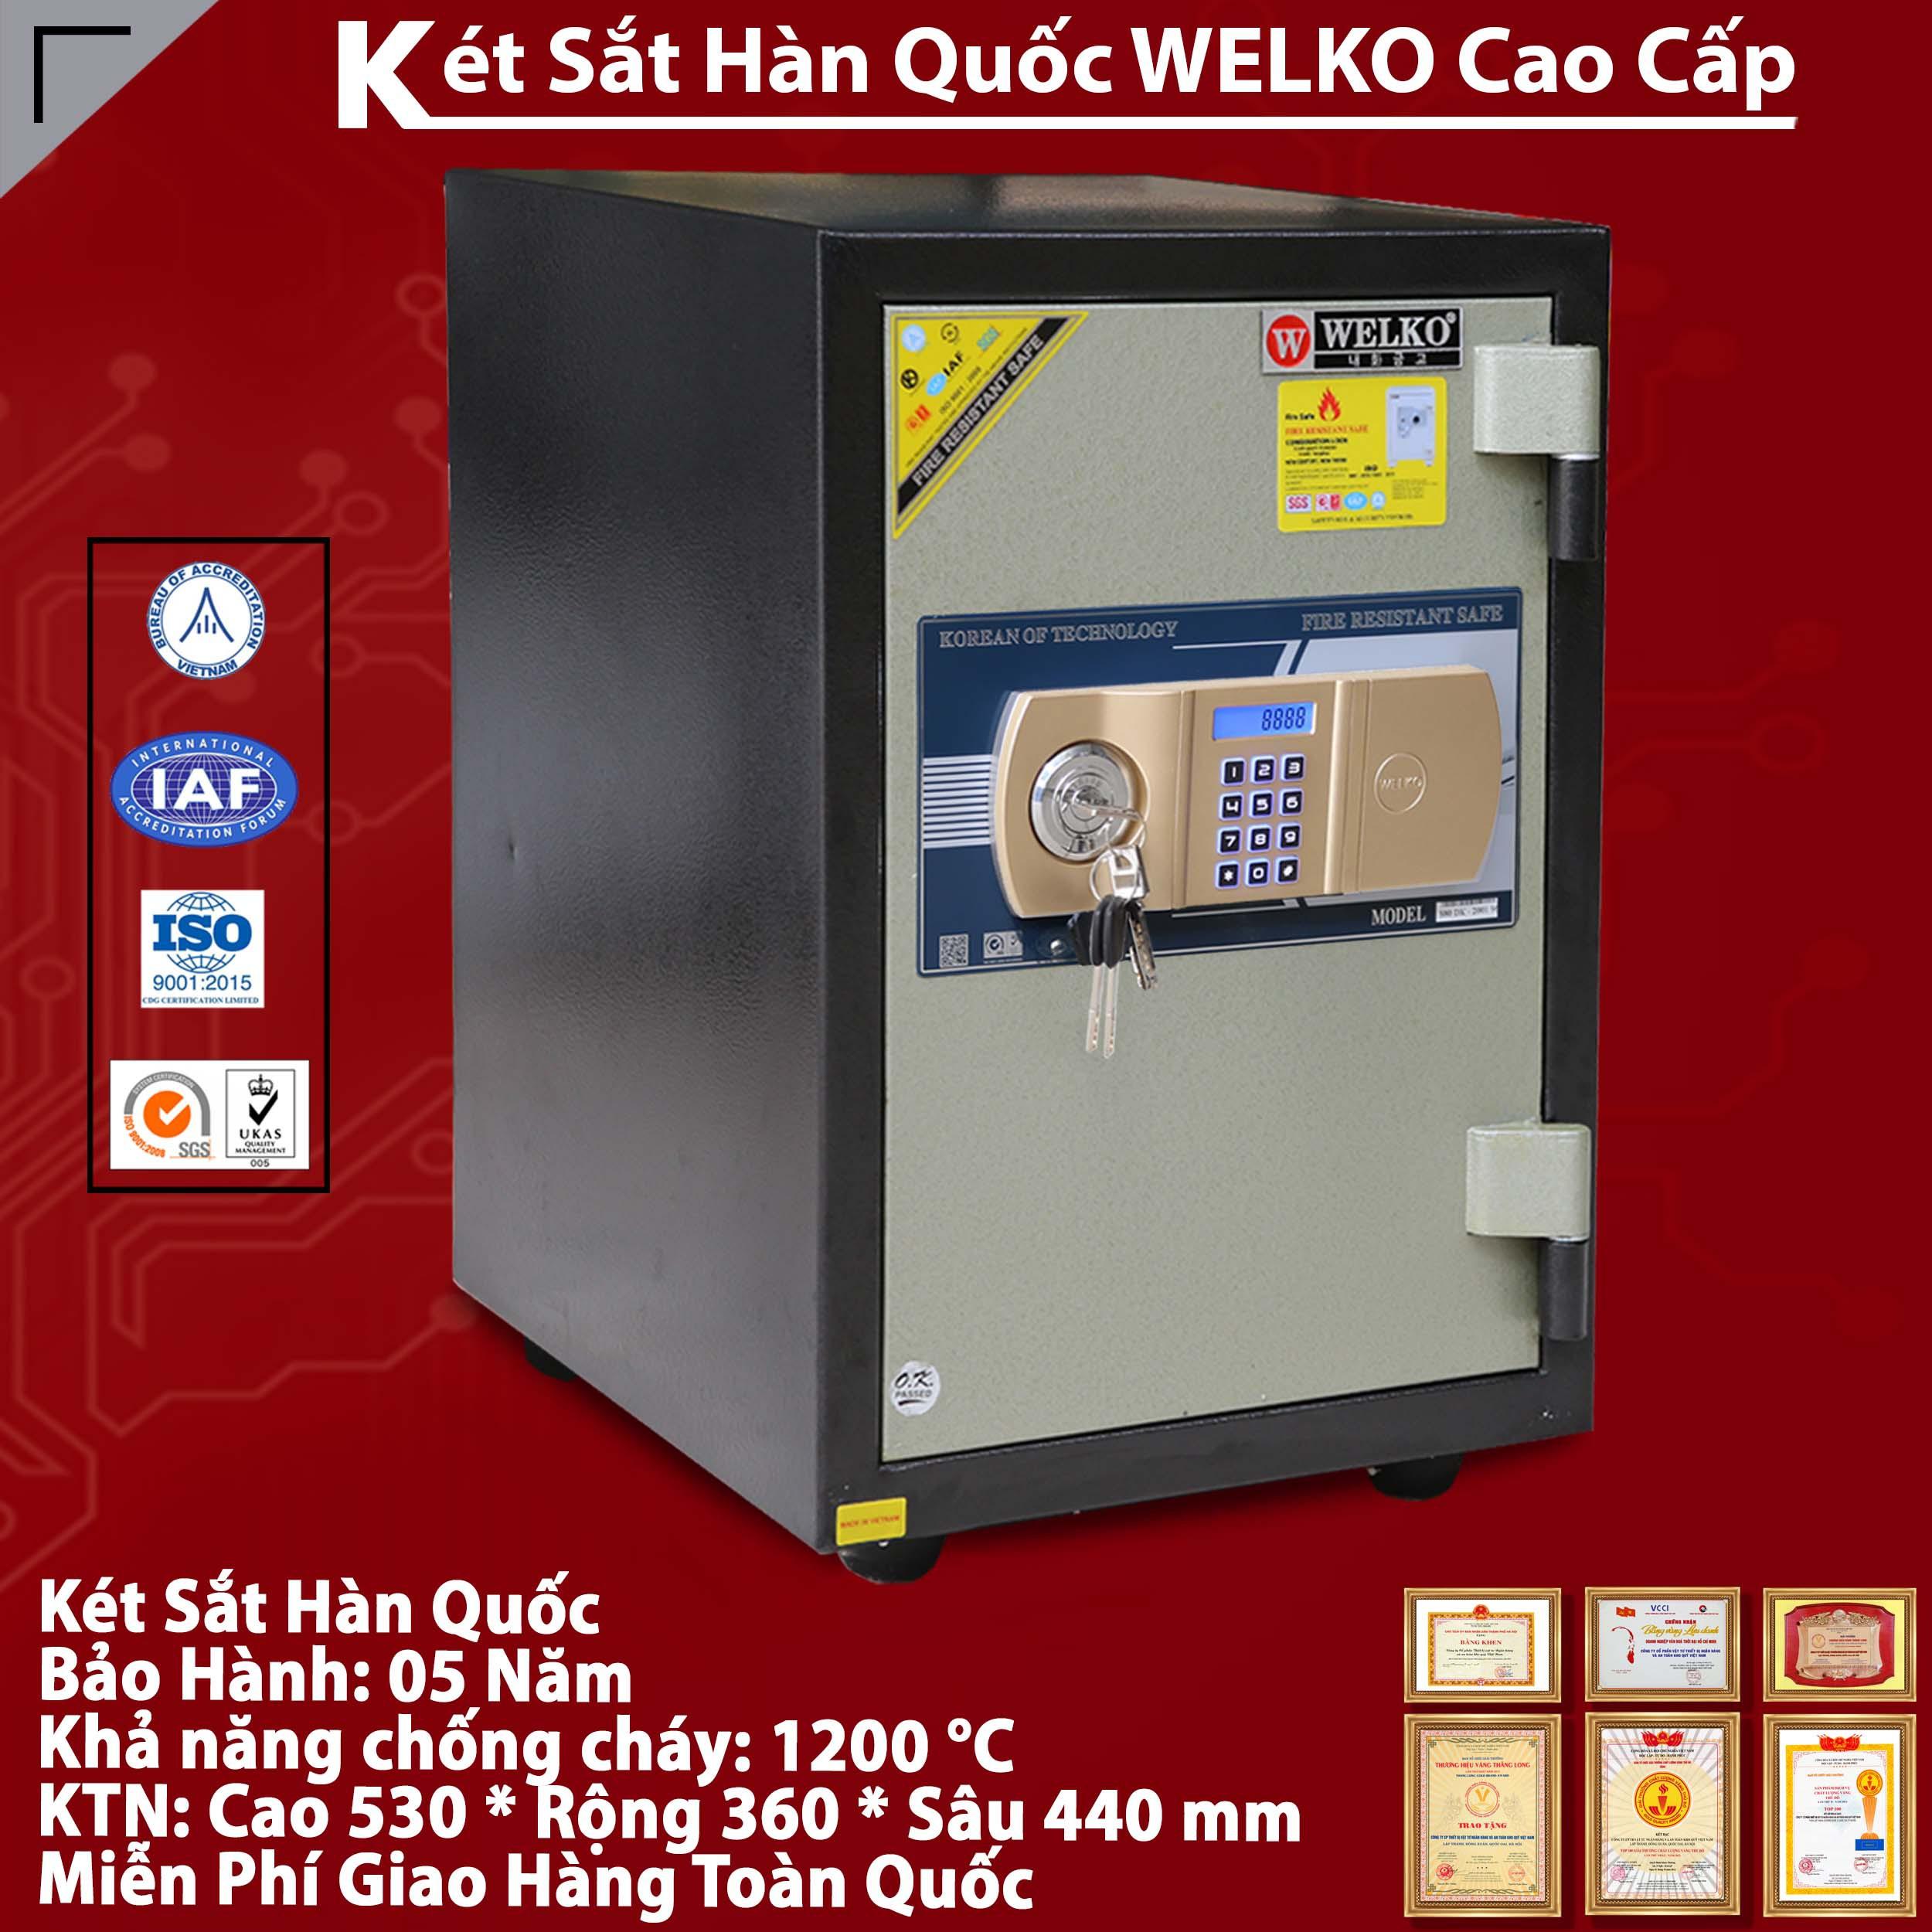 Két Sắt Văn Phòng S530 - E Gold